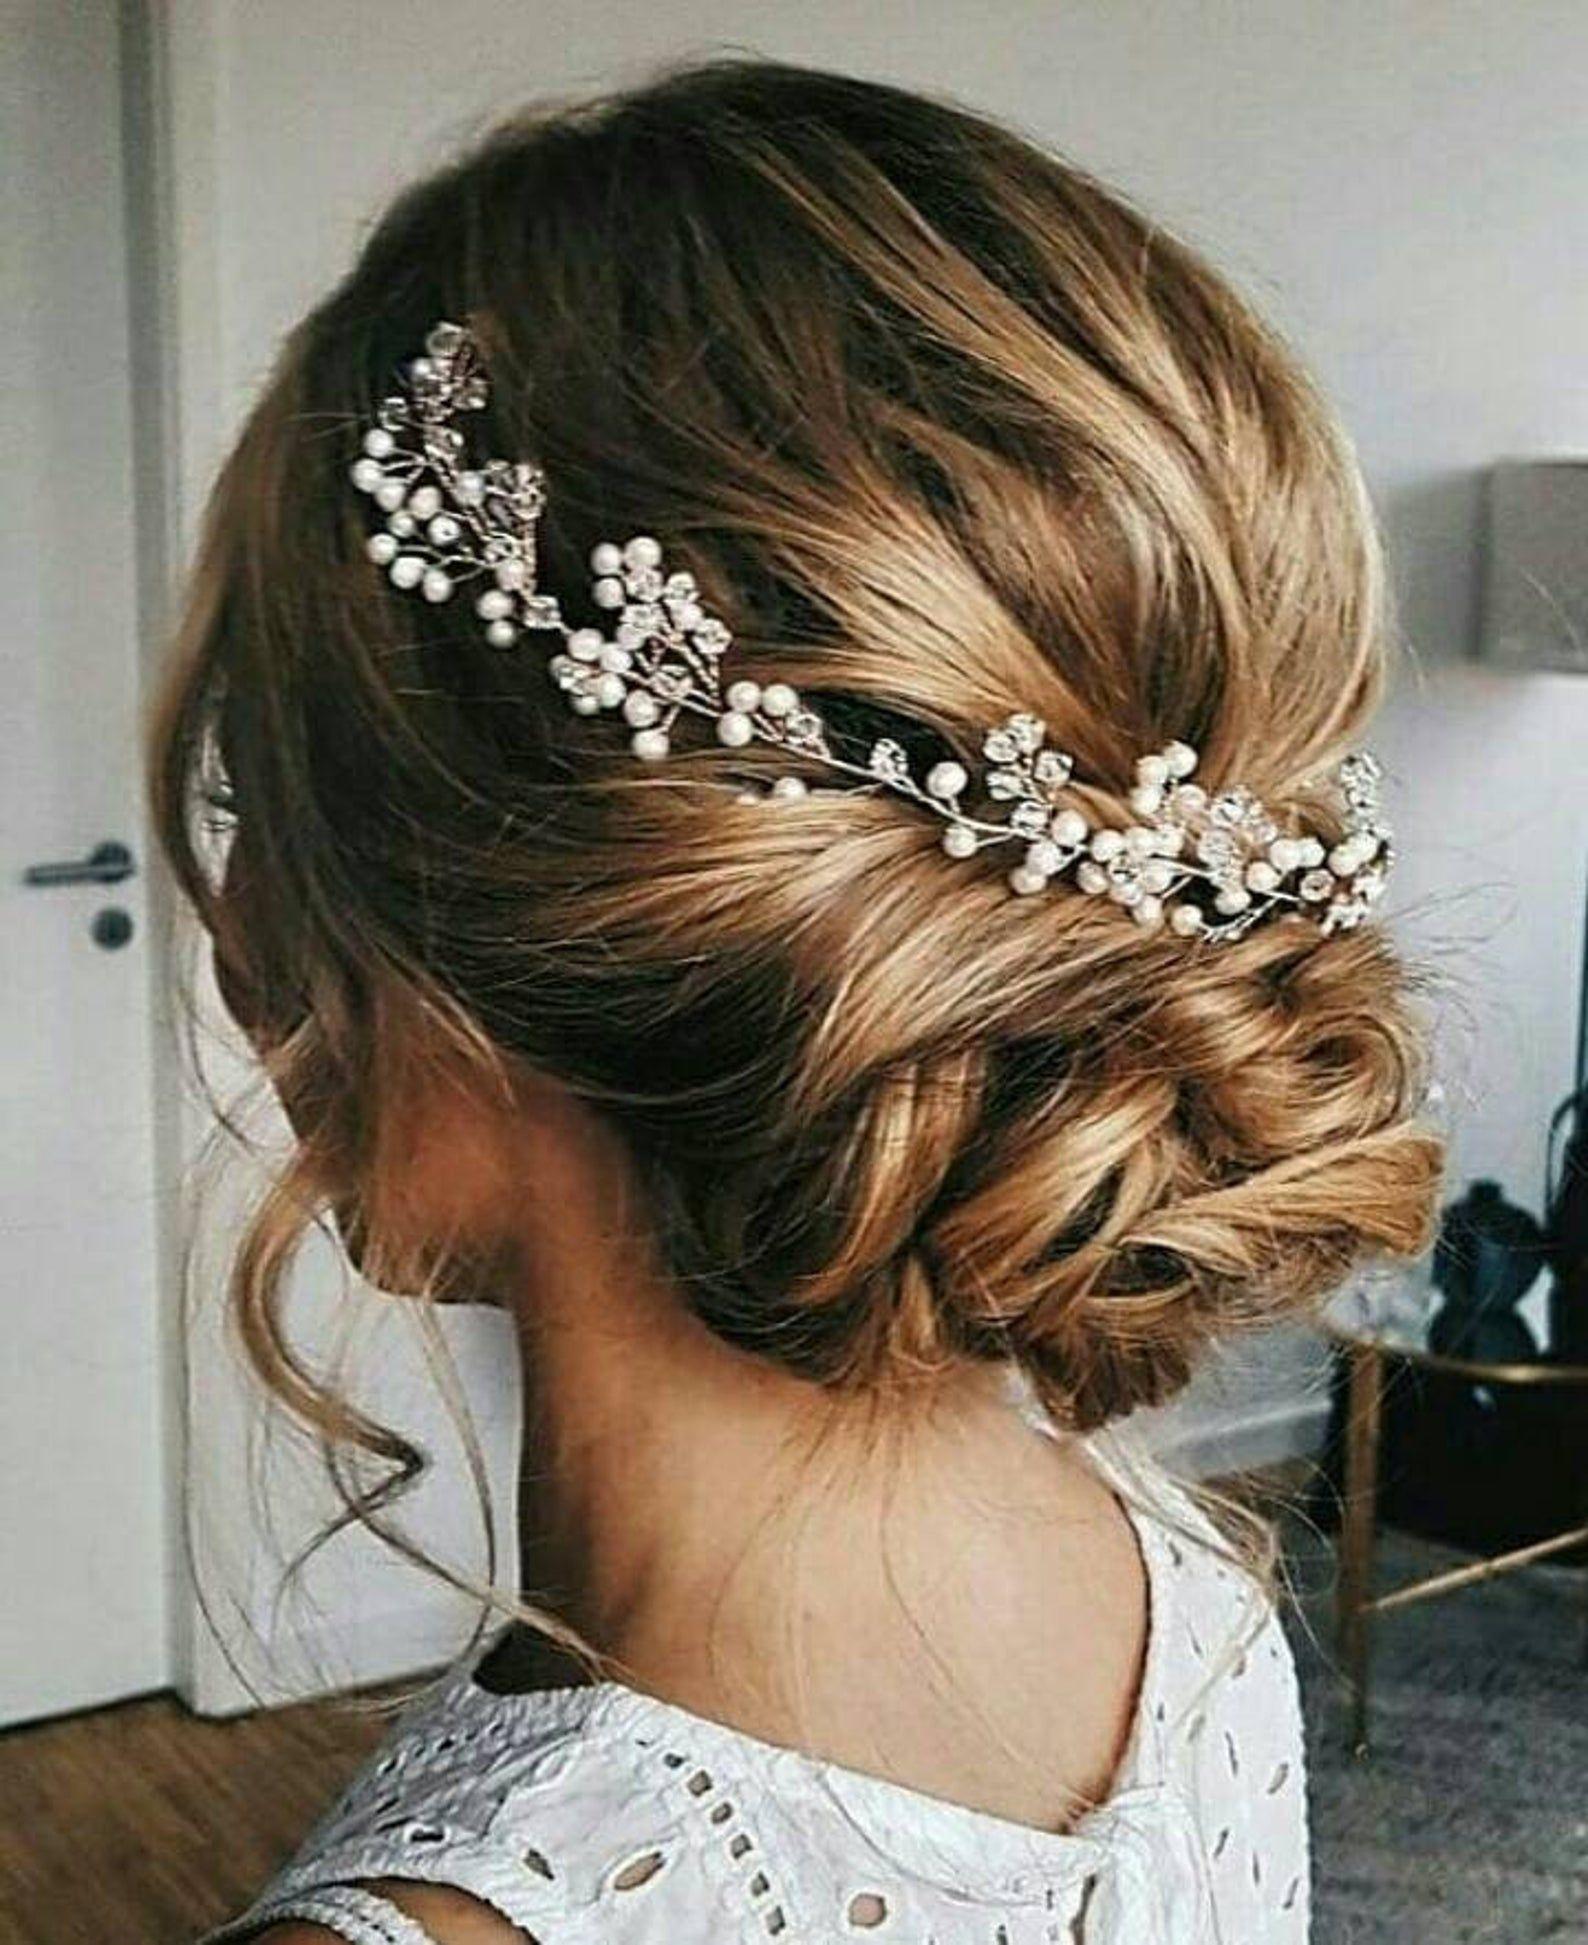 Bridal Hair Vine Beach Wedding Hair Piece Bridal Hair Etsy In 2020 Beach Wedding Hair Bridesmaid Hair Accessories Hair Vine Wedding